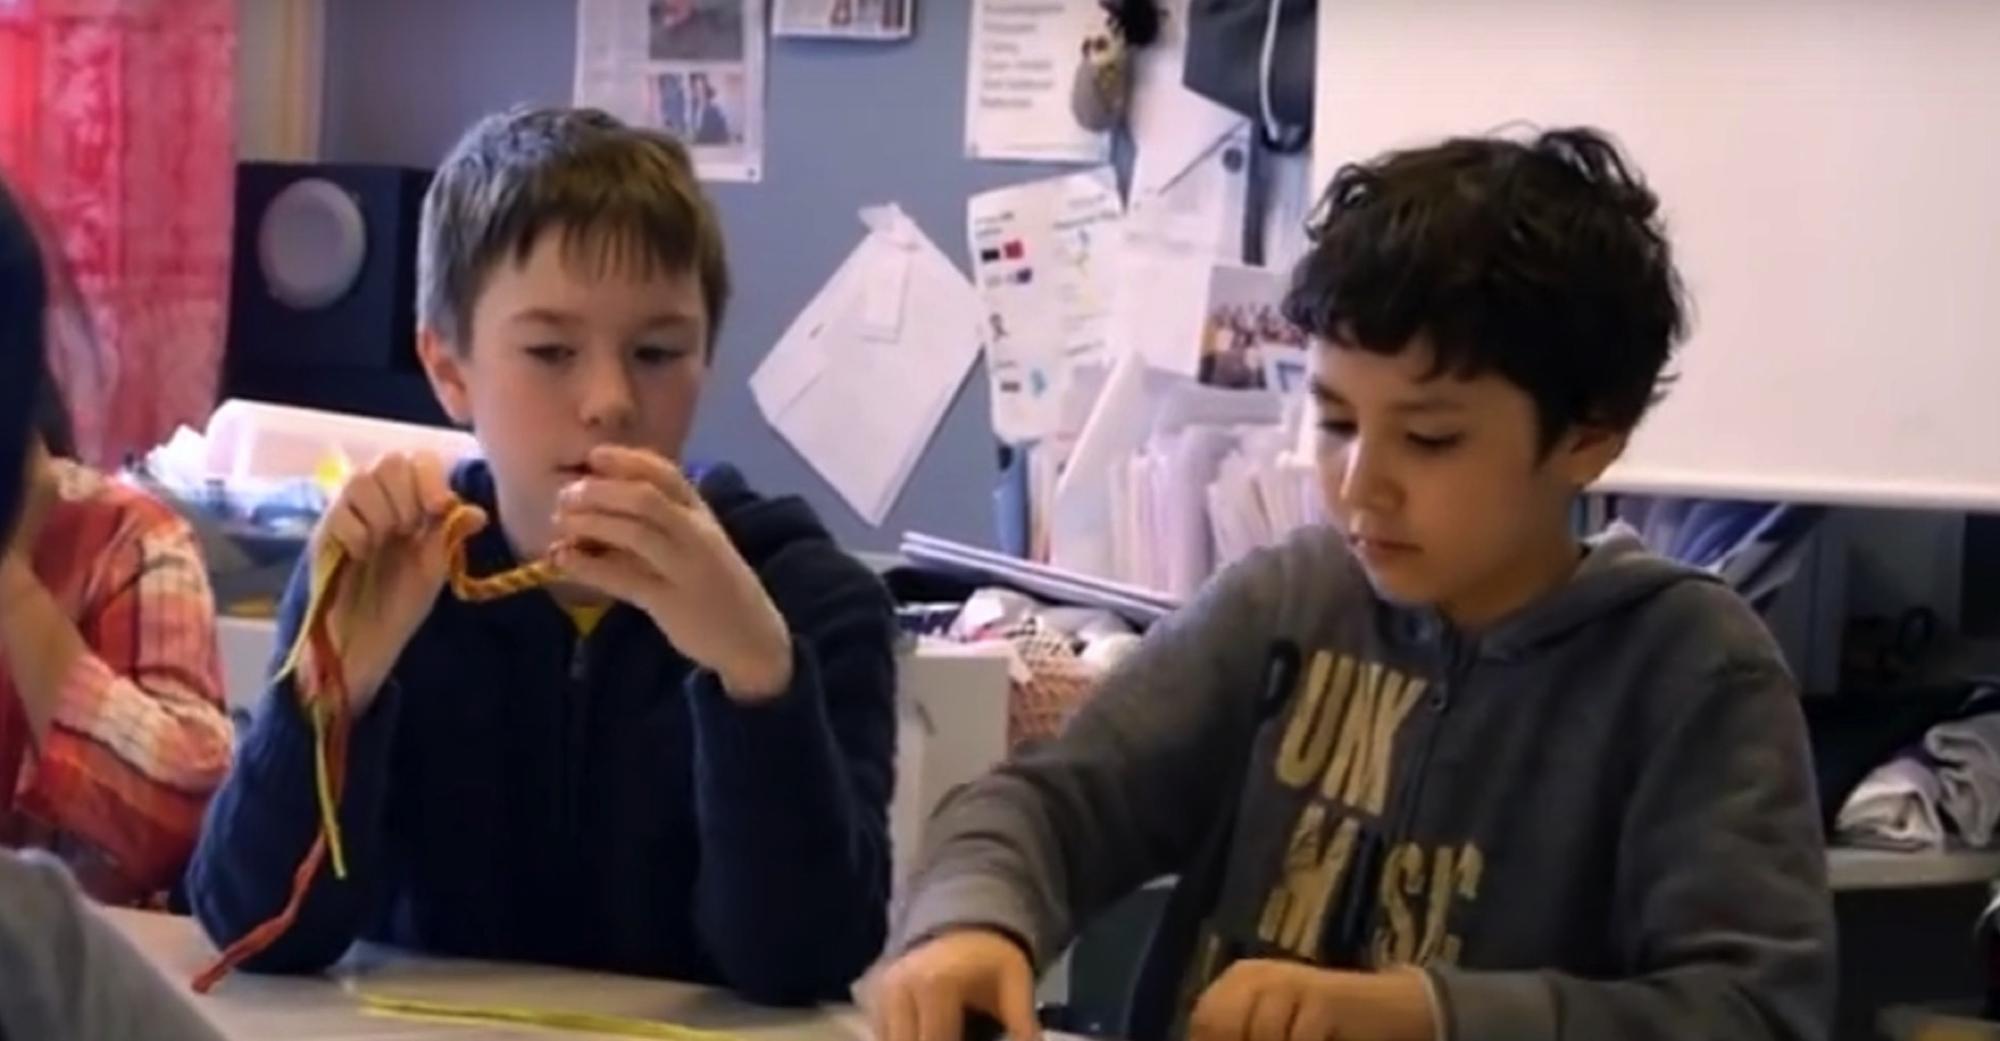 【動画あり】世界一と言われるフィンランドの教育がやばい!「学校とは幸せになる方法を見つける場所」